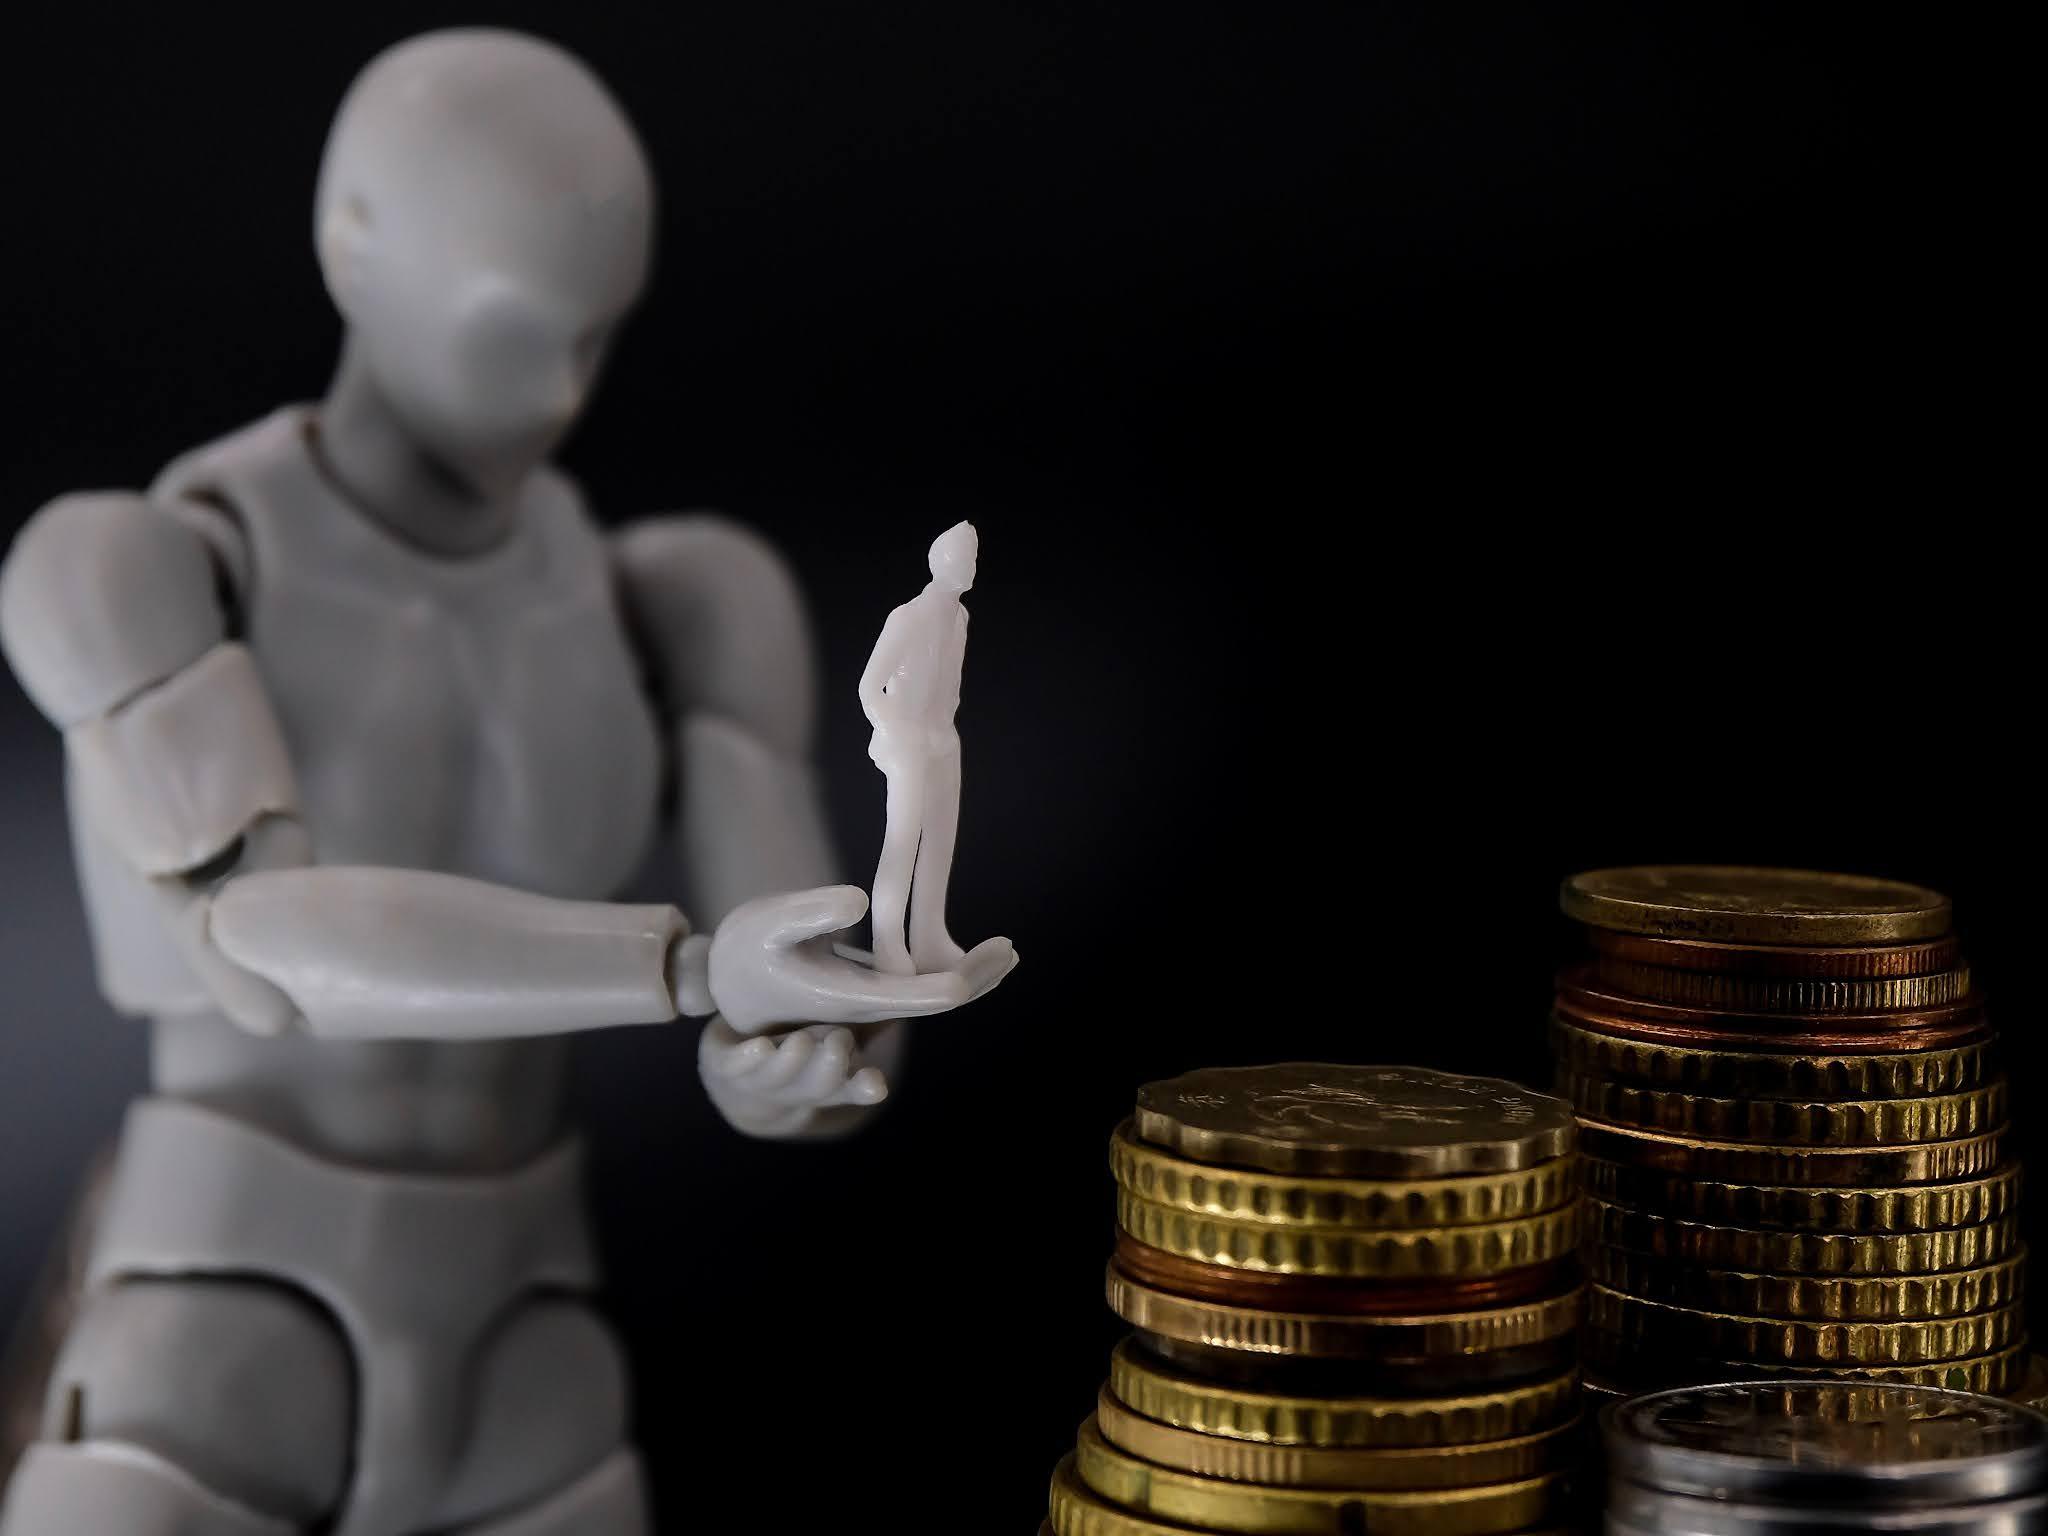 مصرف أبوظبي الإسلامي يعزز خدماته services بتقنية الذكاء الاصطناعي